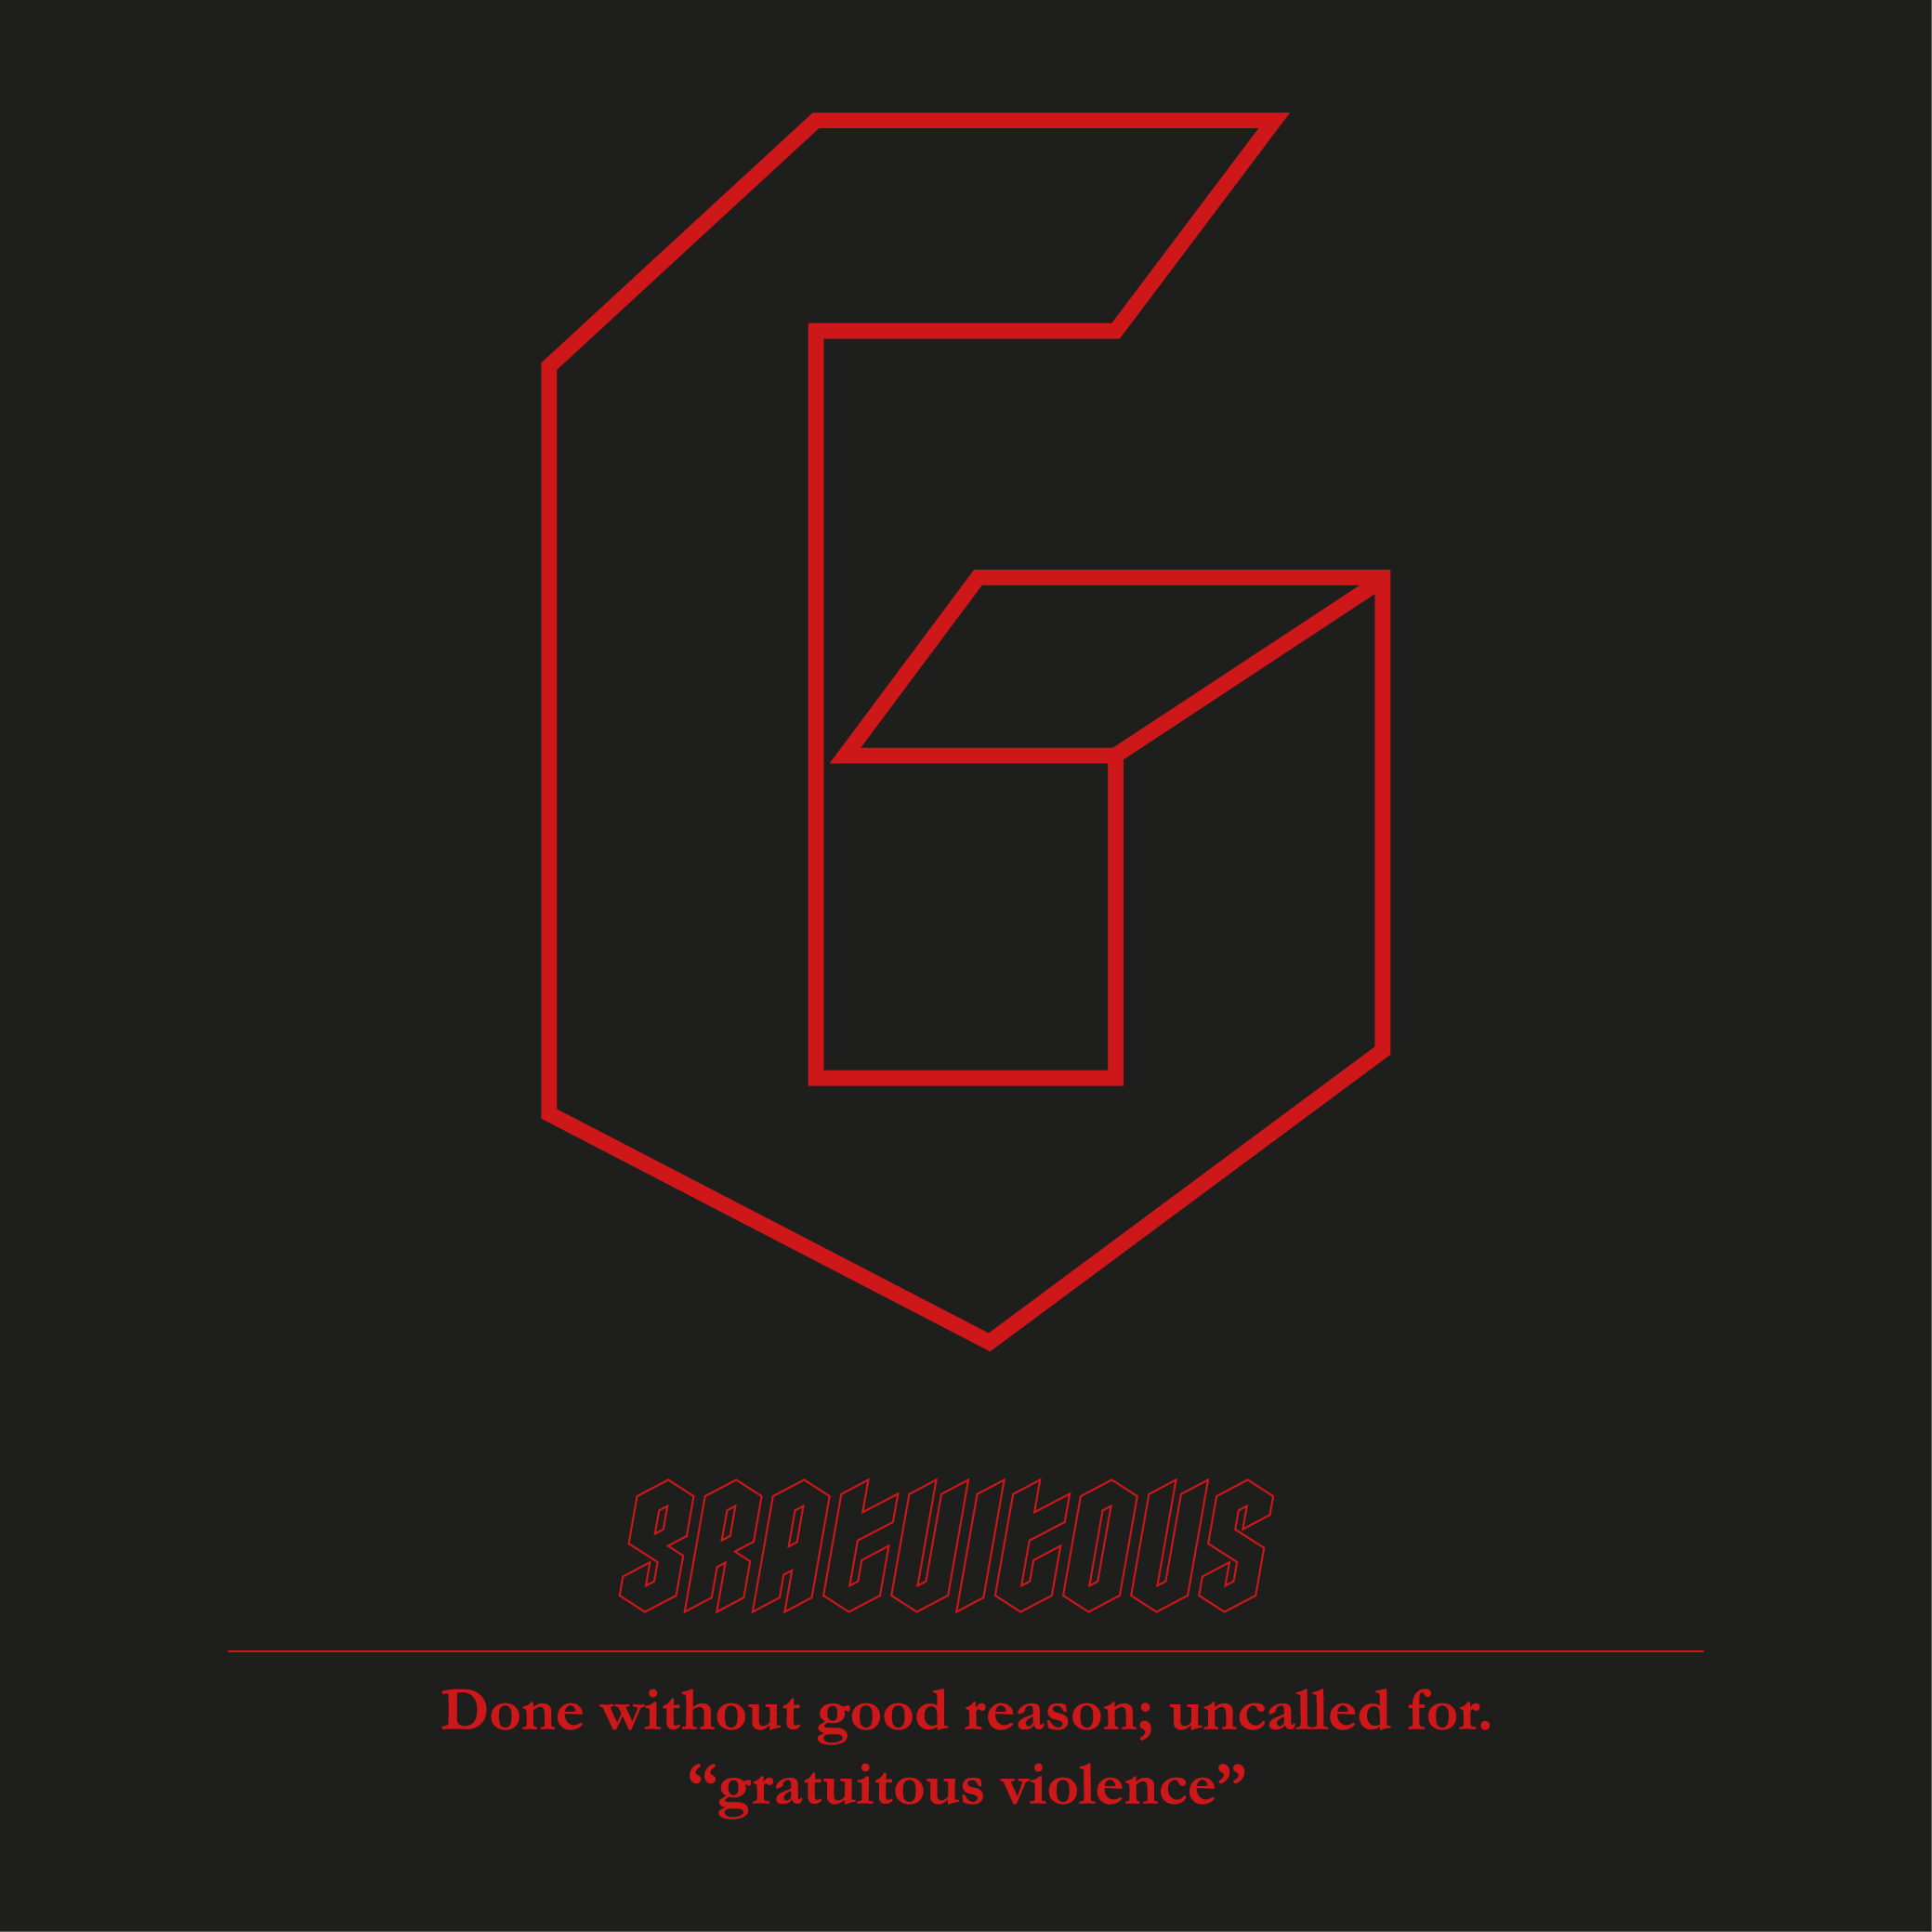 G website